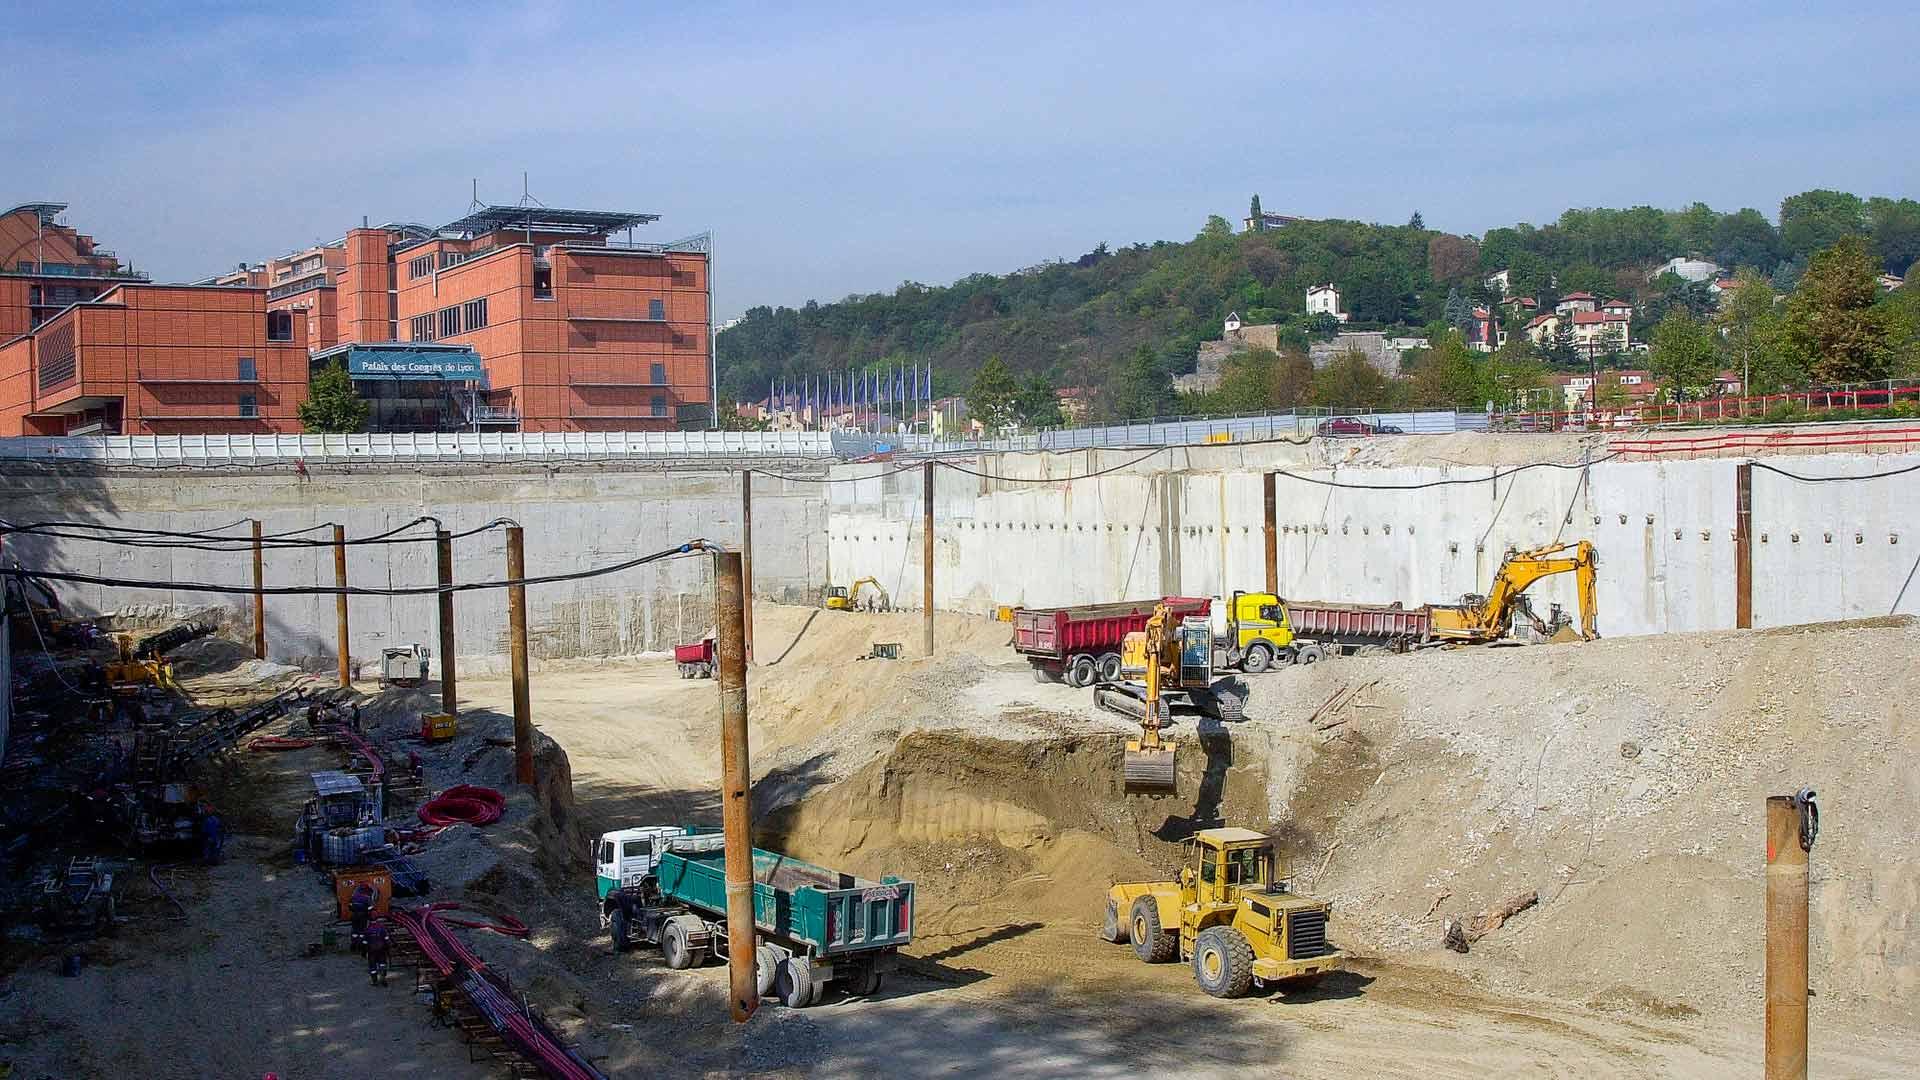 Vue globale du chantier avec les puits de rabattement